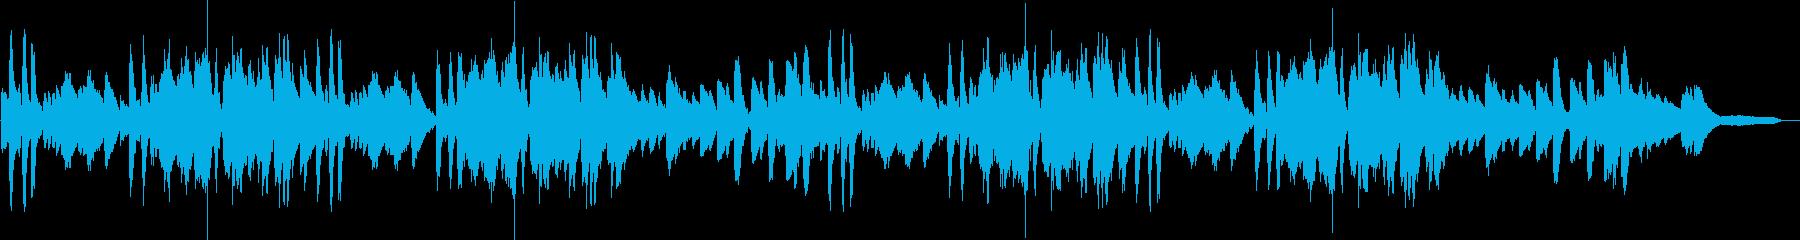 CM用奇抜で少し変わったピアノ曲の再生済みの波形